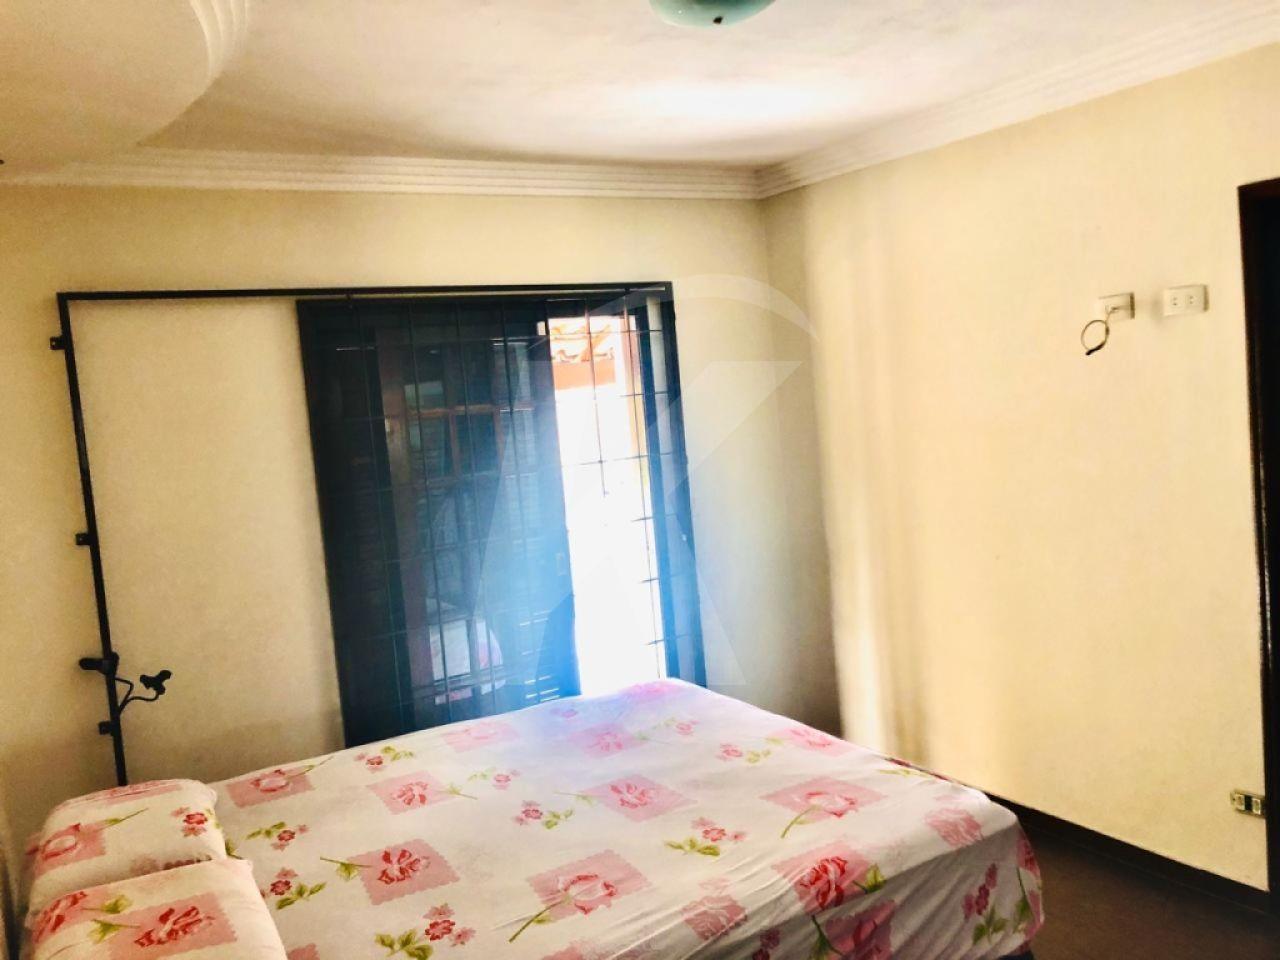 Sobrado Jardim Brasil (Zona Norte) - 2 Dormitório(s) - São Paulo - SP - REF. KA10004